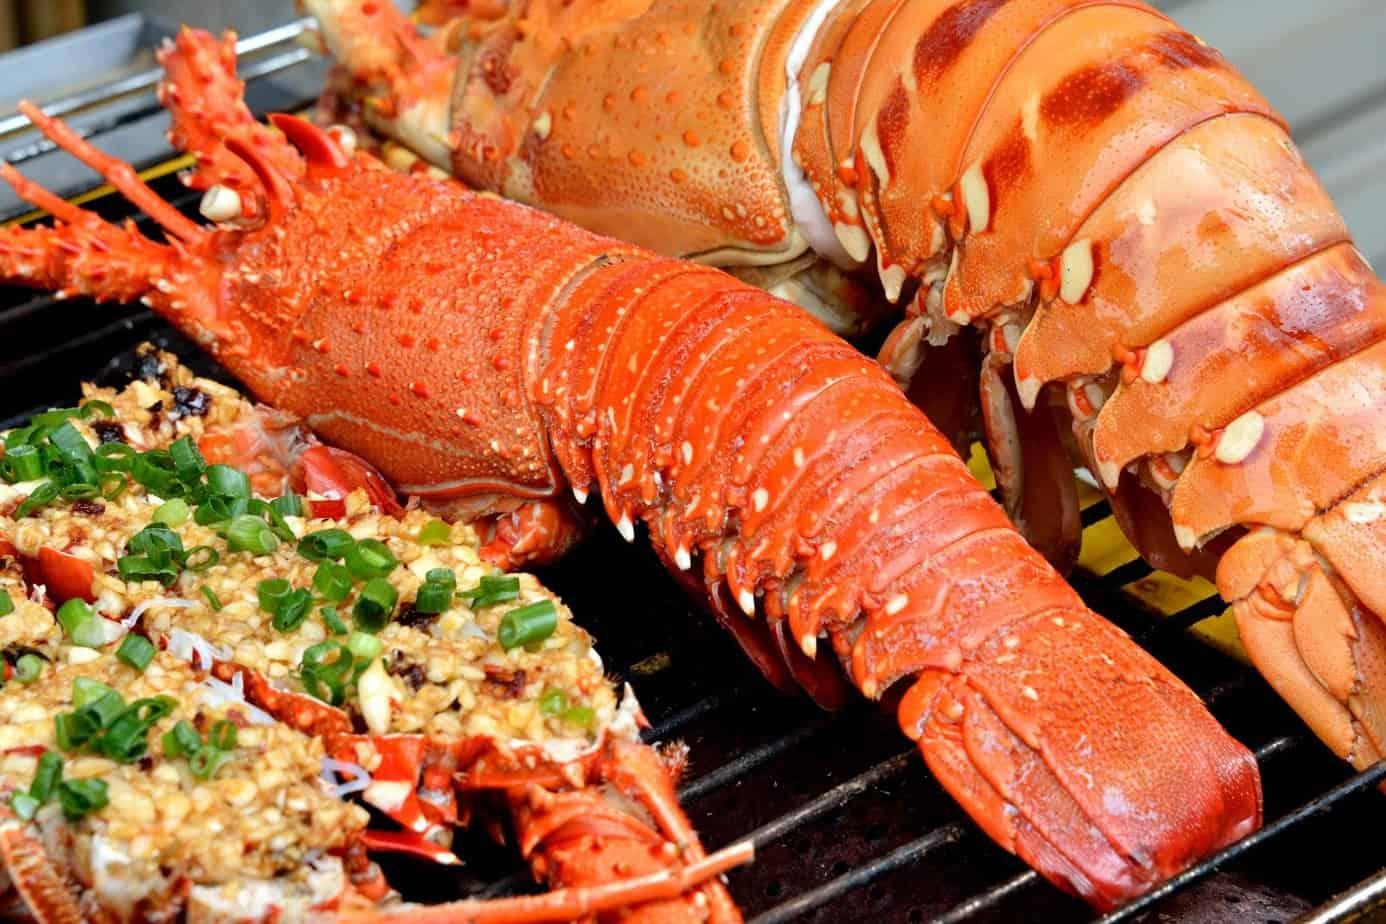 Top 5 Nhà hàng Hải Sản Ngon Không Nên Bỏ Lỡ tại TP HCM - nhà hàng hải sản ngon ở tphcm - Marina Sài Gòn | Nhà hàng Hải Sản cao cấp Yo's | Nhà hàng Rạn Biển 40